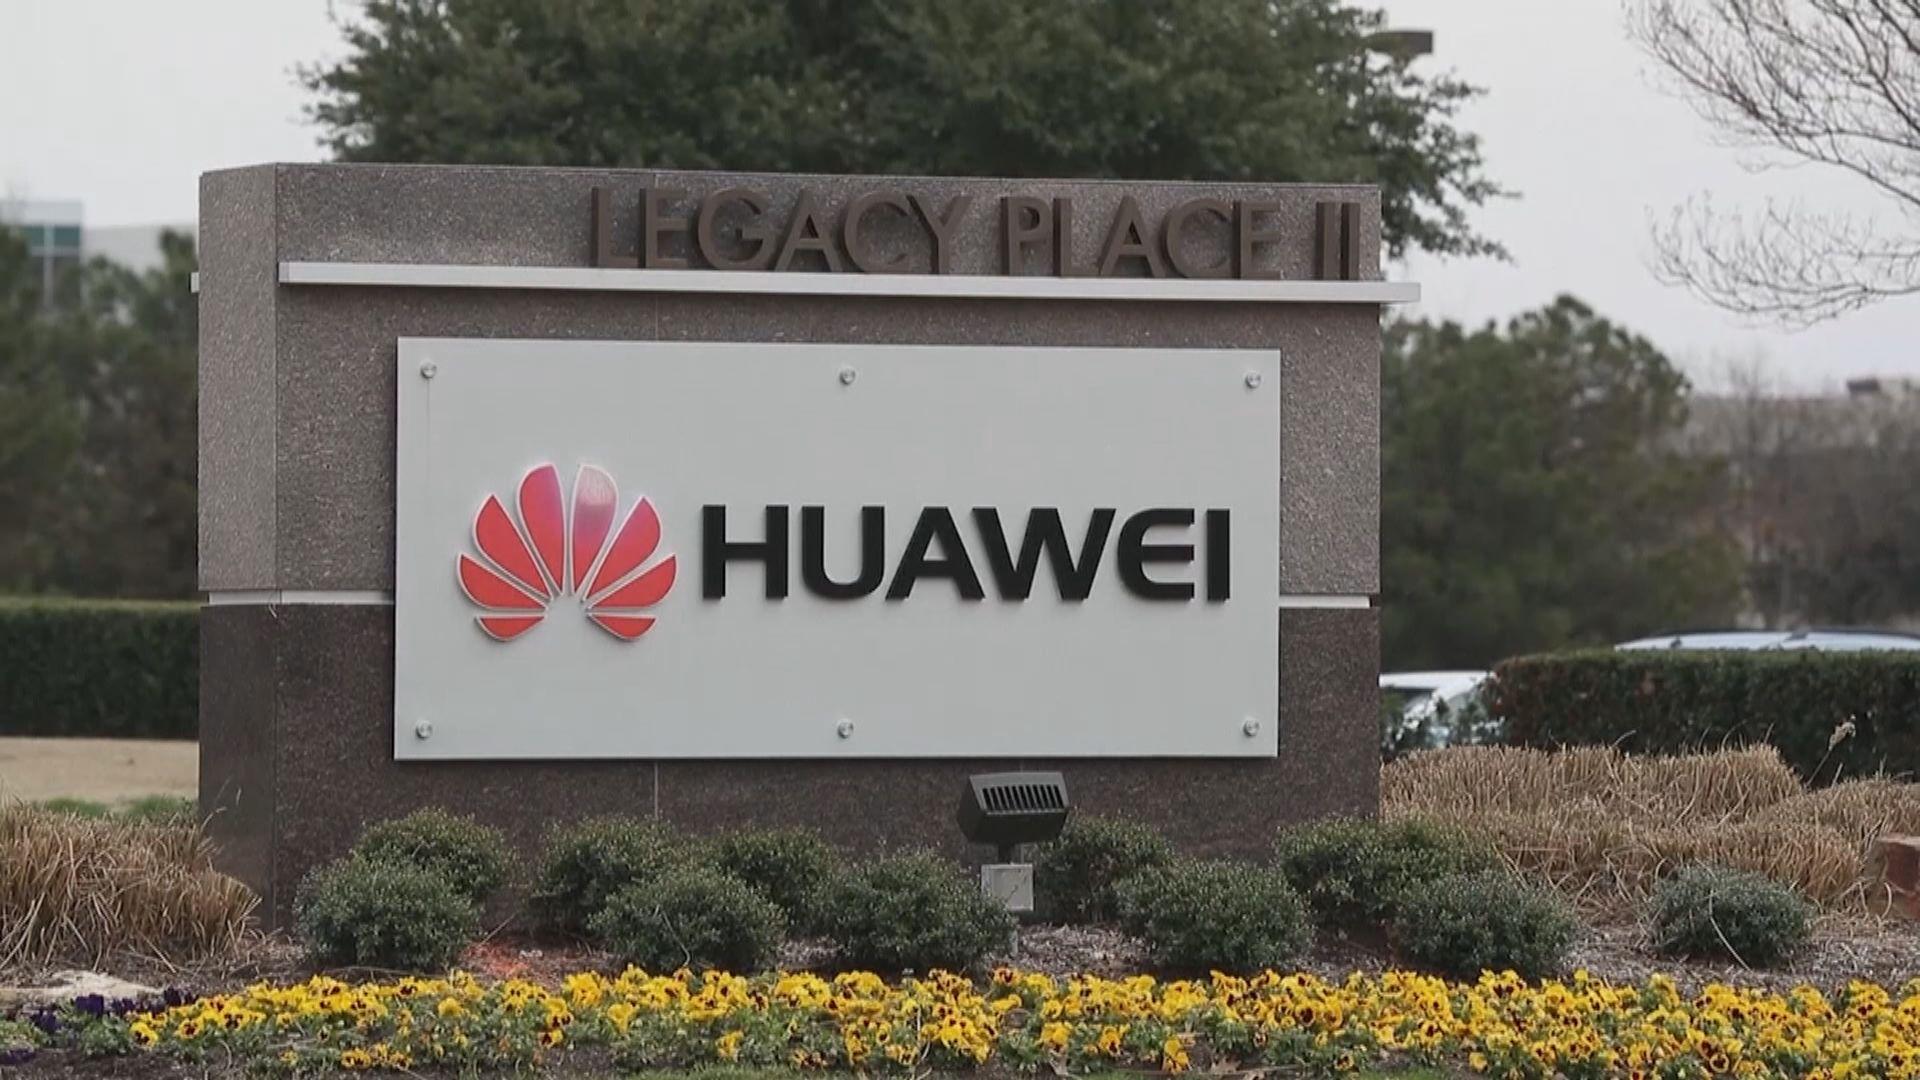 美指華為、中興等五間中國企業威脅國家安全